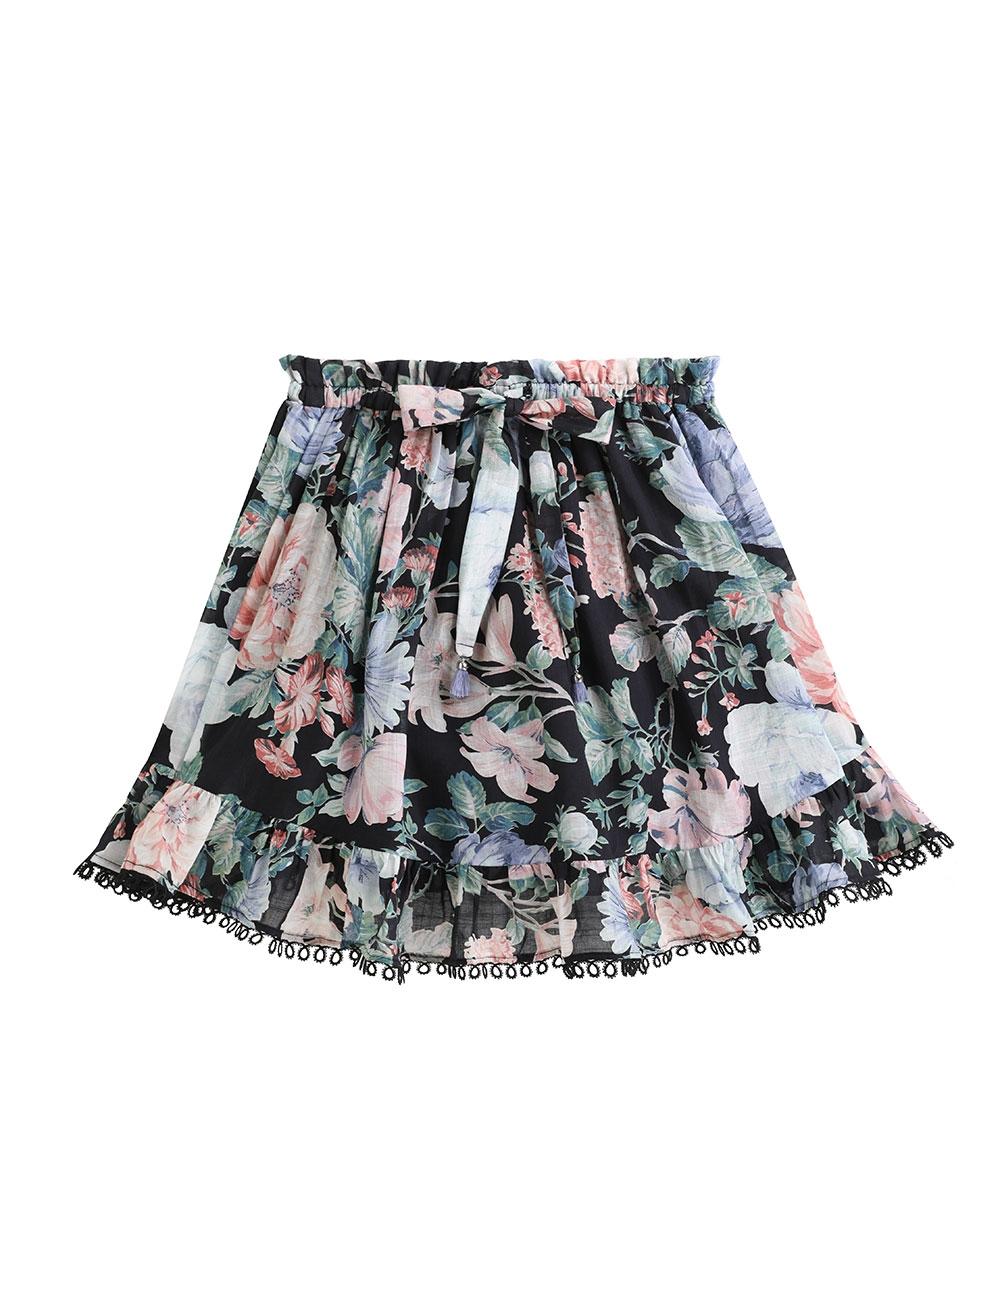 Verity Floral Flounce Skirt